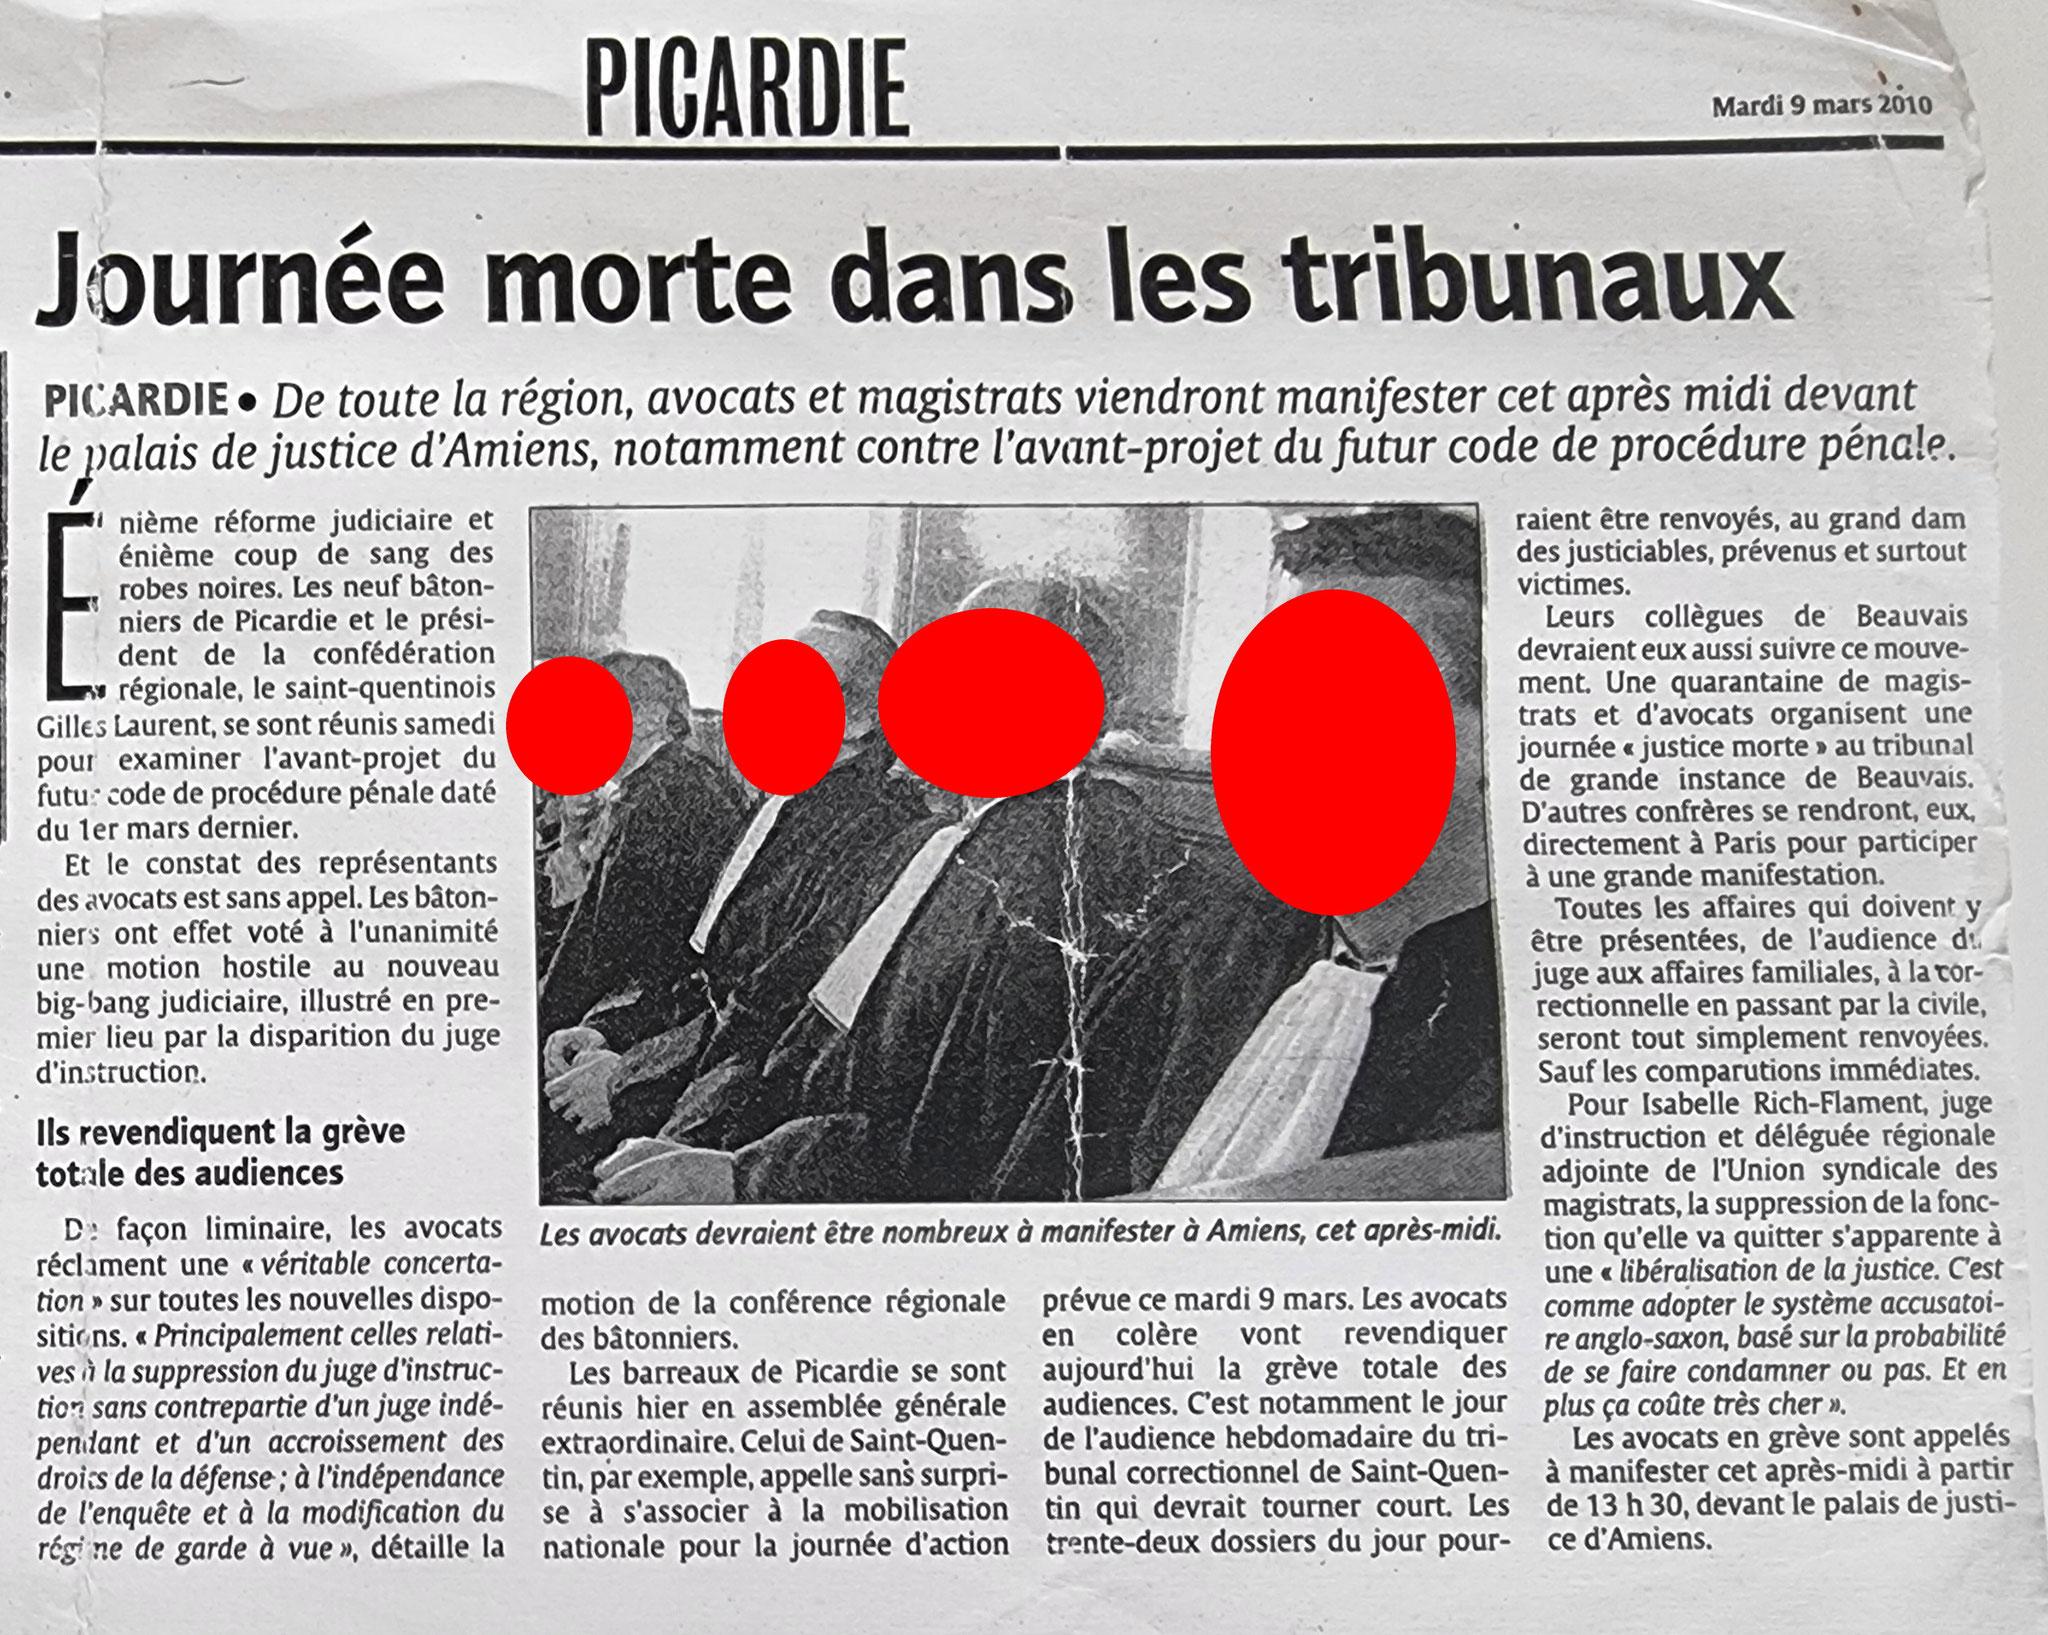 LES ROBES NOIRES SONT PIRES QUE LES ROBES D'ANTAN  citation de François RATAJ  www.jenesuispasunchien.fr www.jesuisvictime.fr www.jesuispatrick.fr